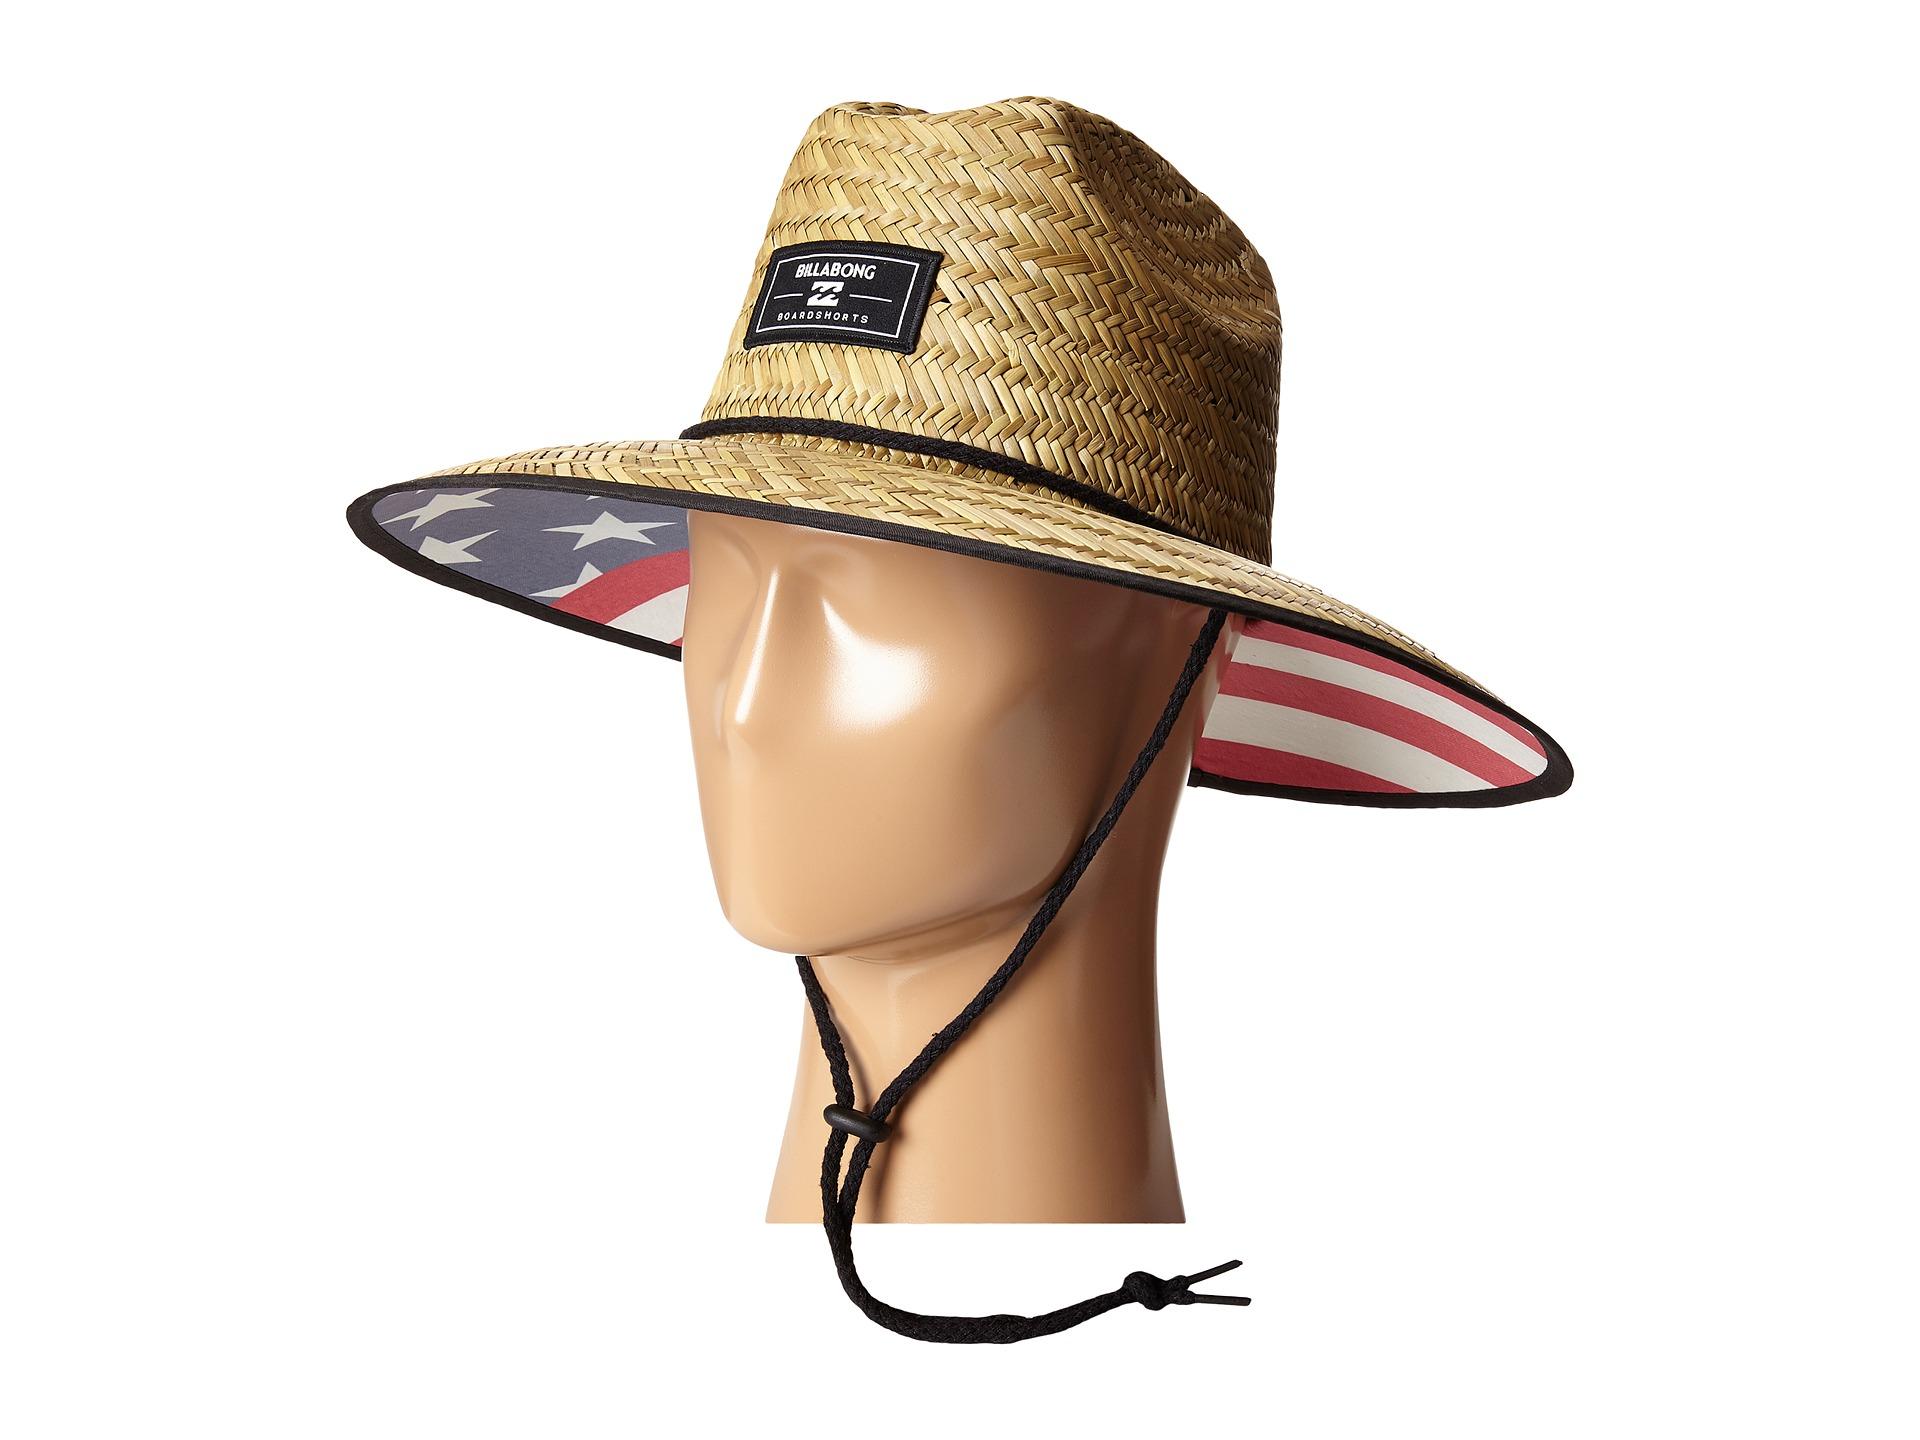 Lyst - Billabong Spectator Lifeguard Hat df1fb05d4d9